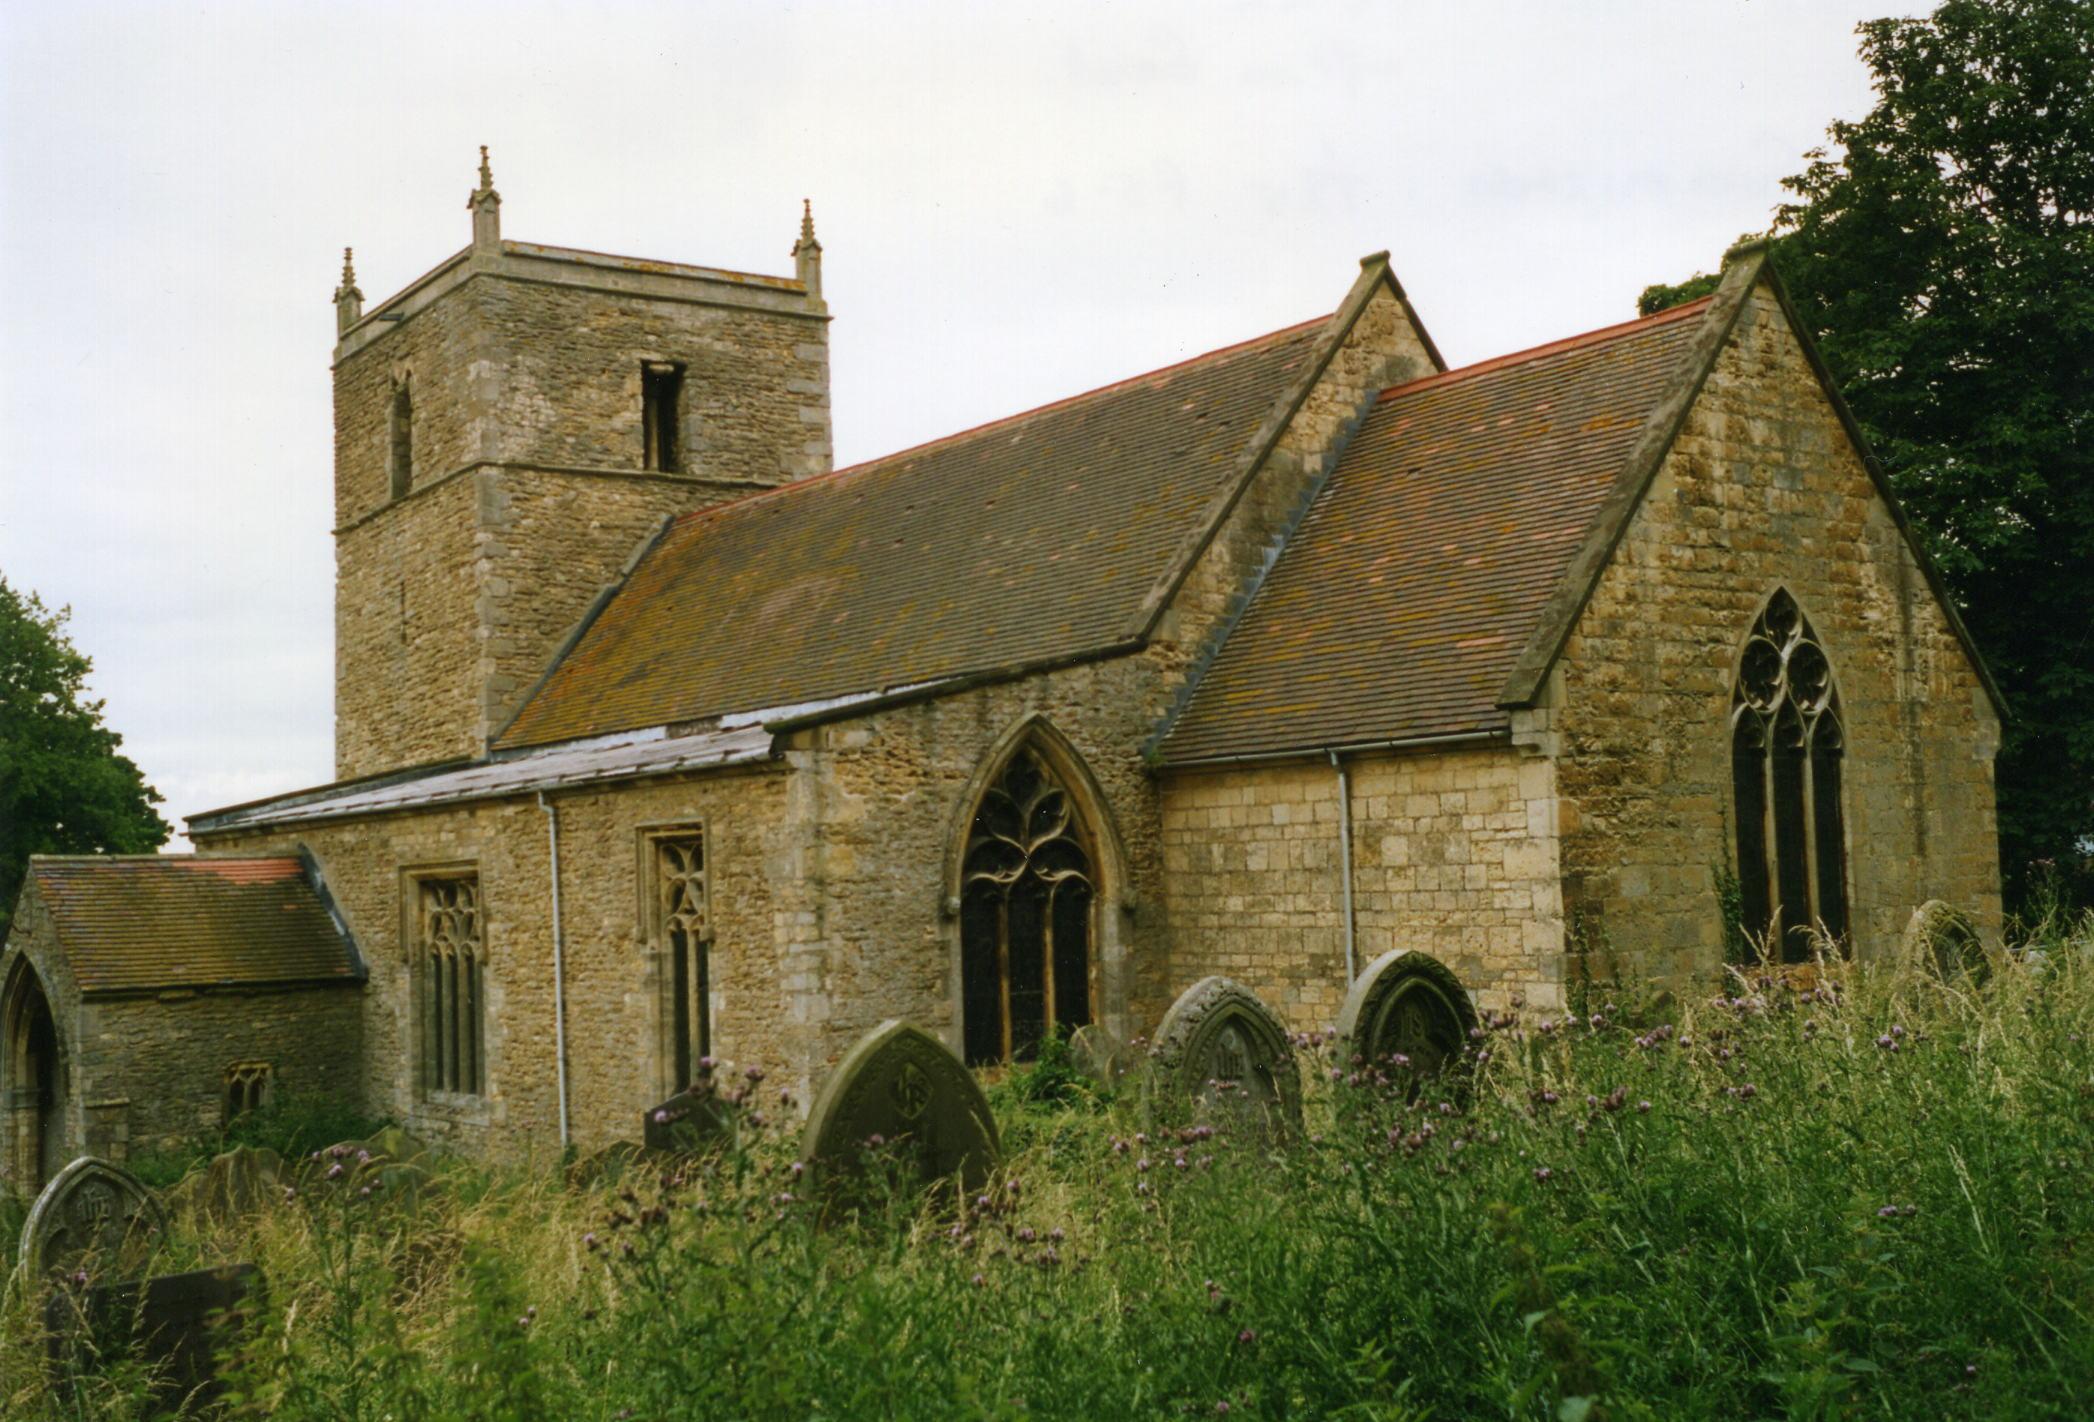 Saint Chad's Church